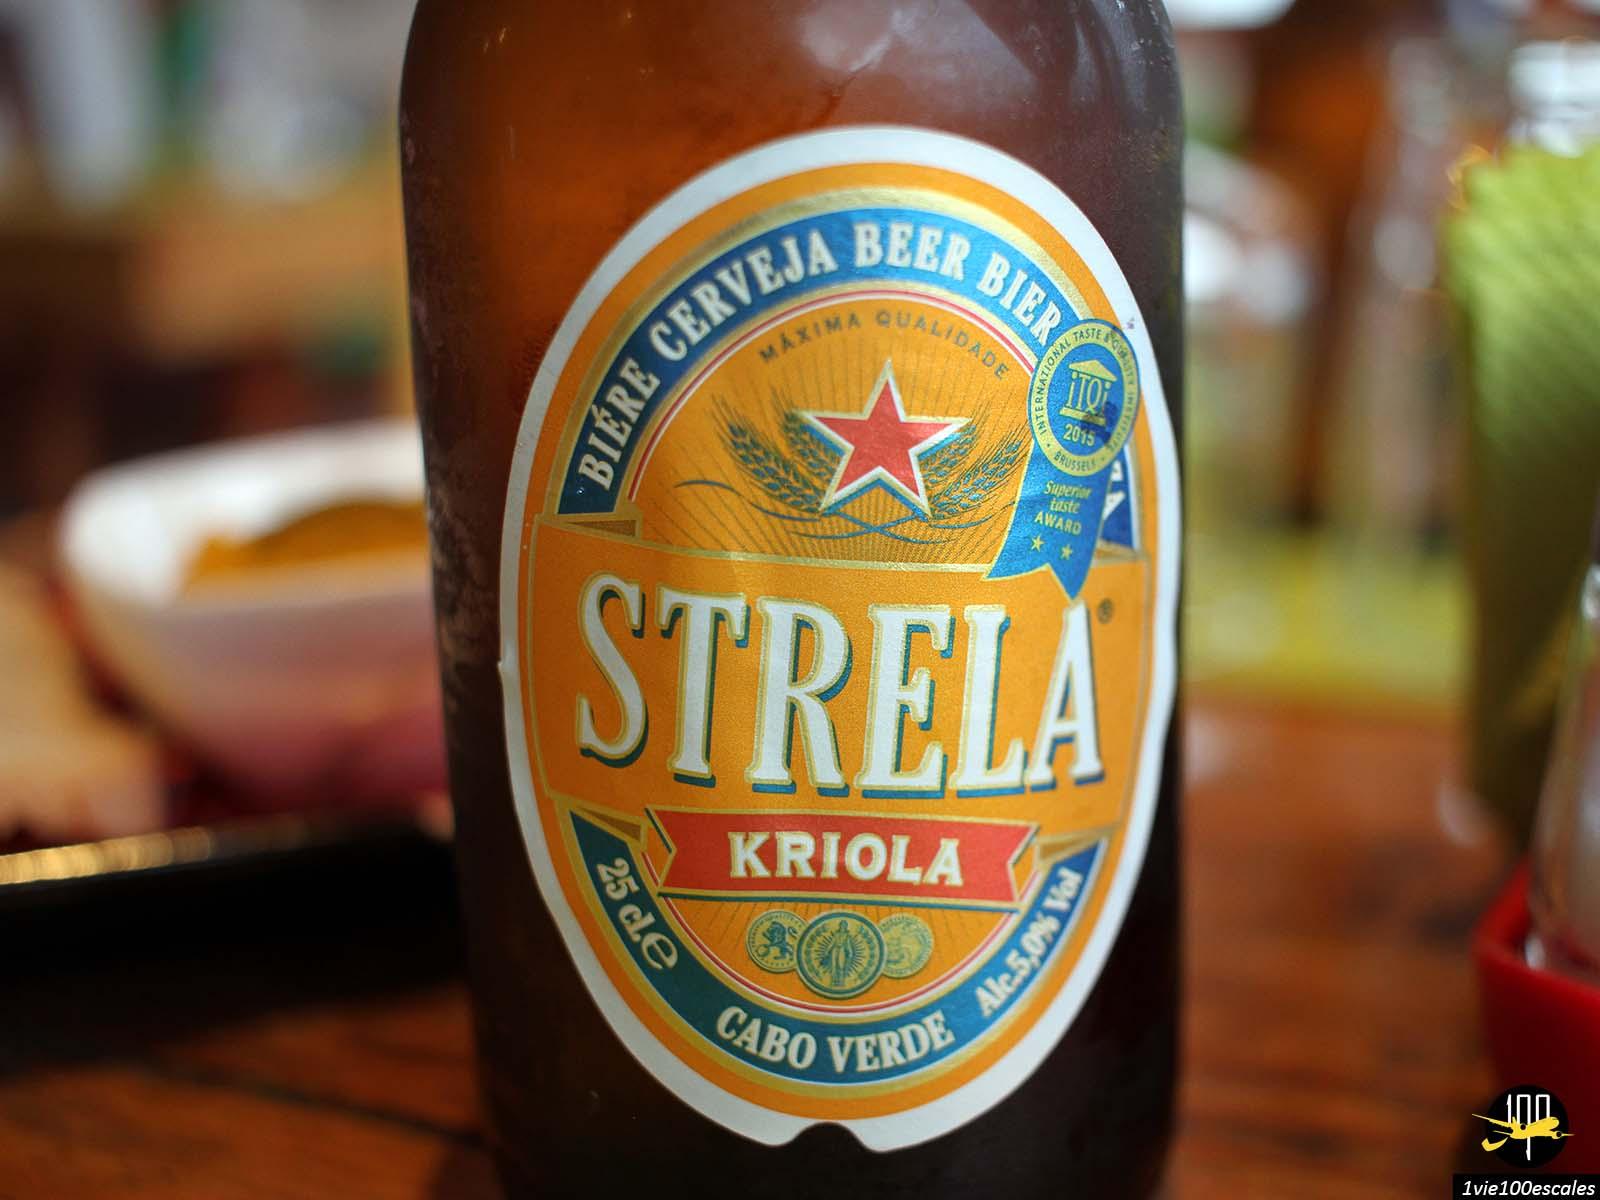 La Strela Kriola Cabo Verde la bière locale du Cap-Vert